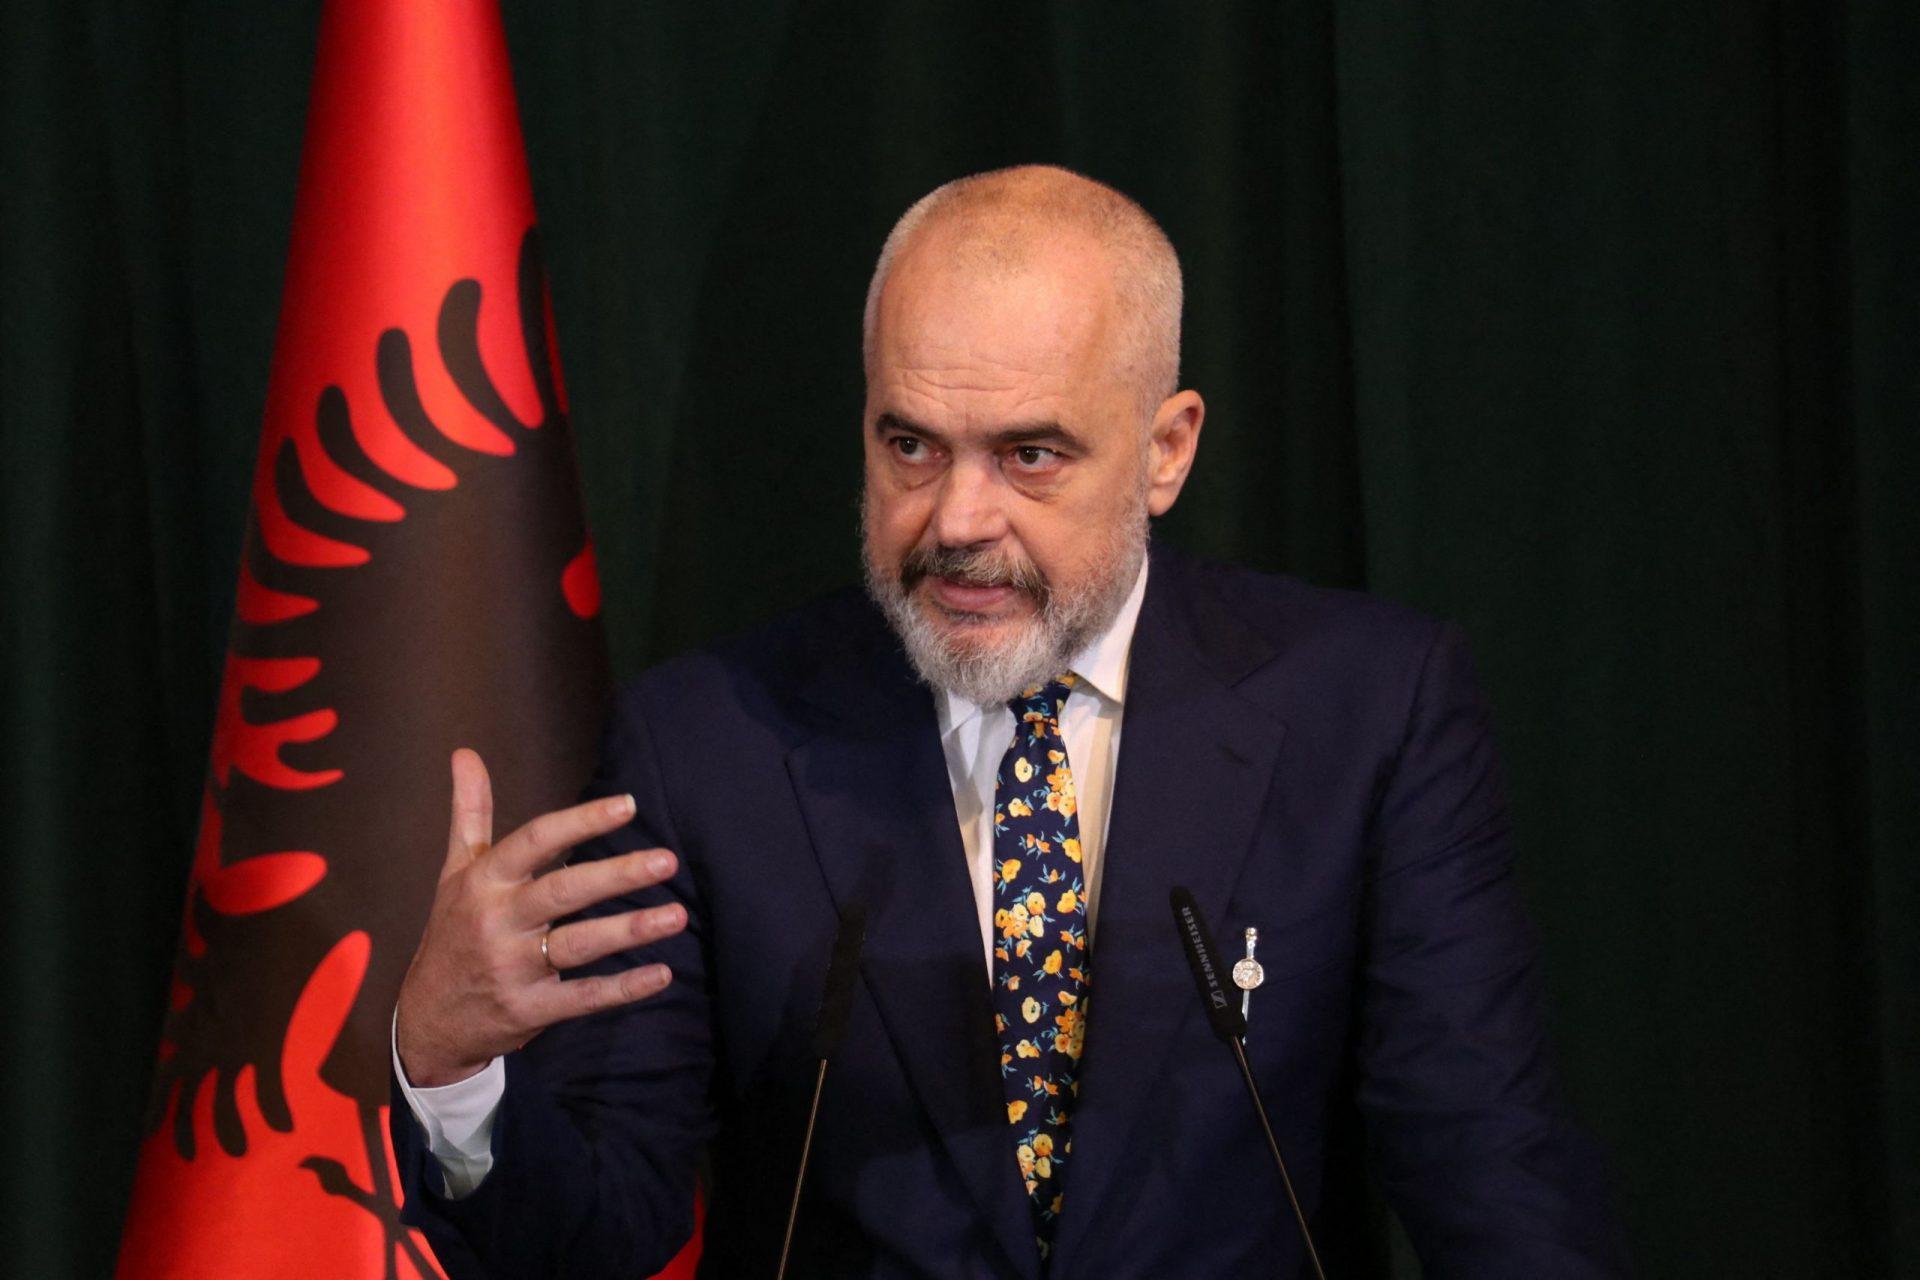 Premierul Albaniei compară presa online cu propaganda nazistă și propune restricții pentru publicații